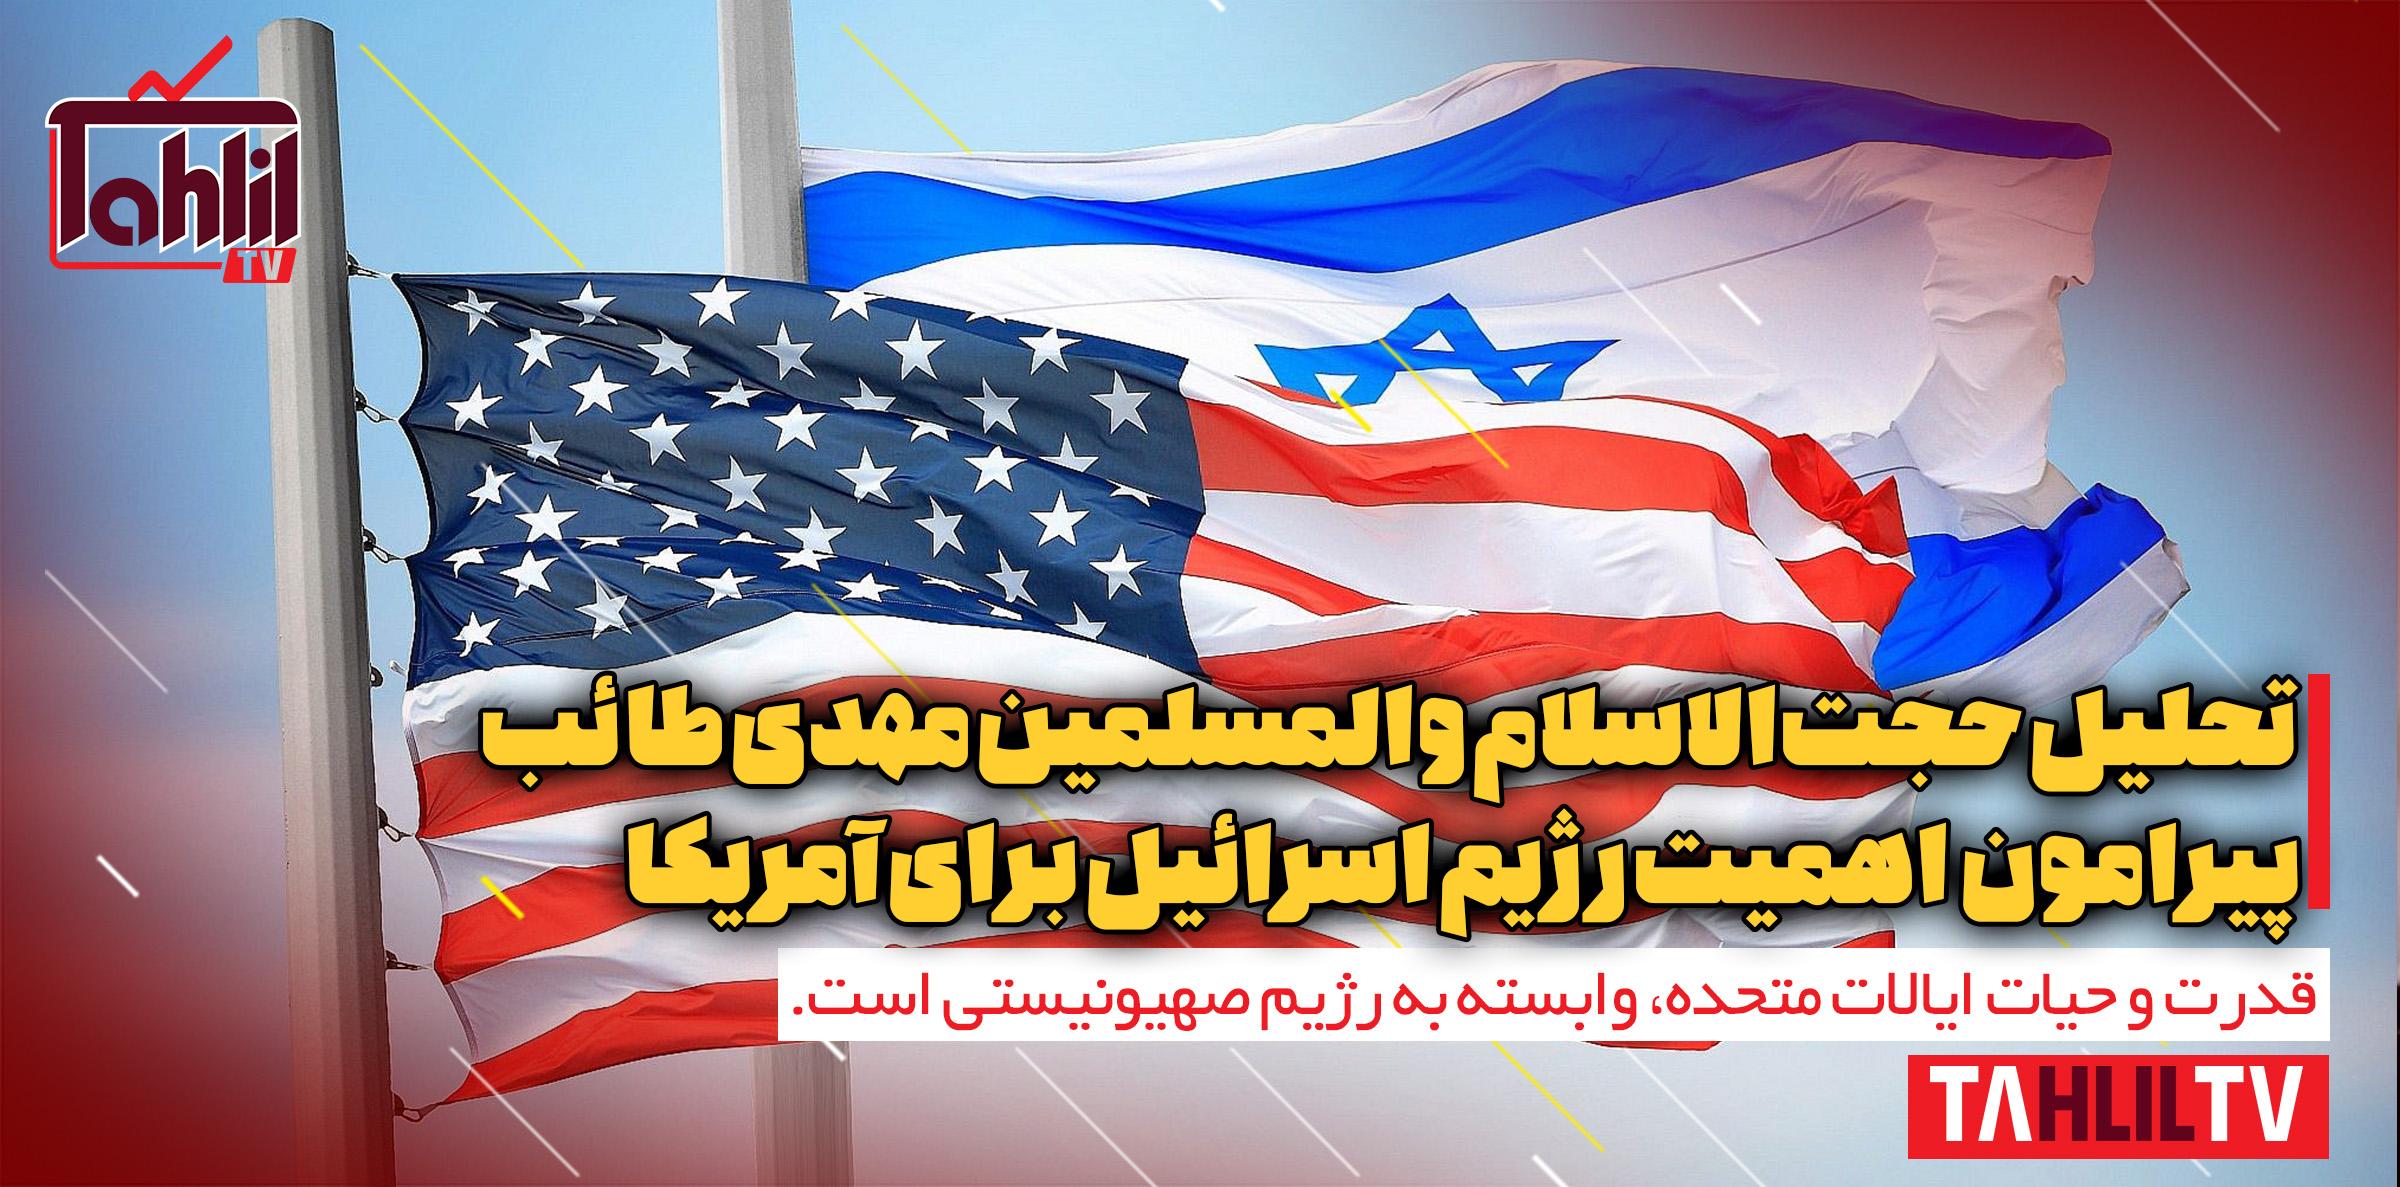 اسرائیل، مرکز ثقل قدرت آمریکاست